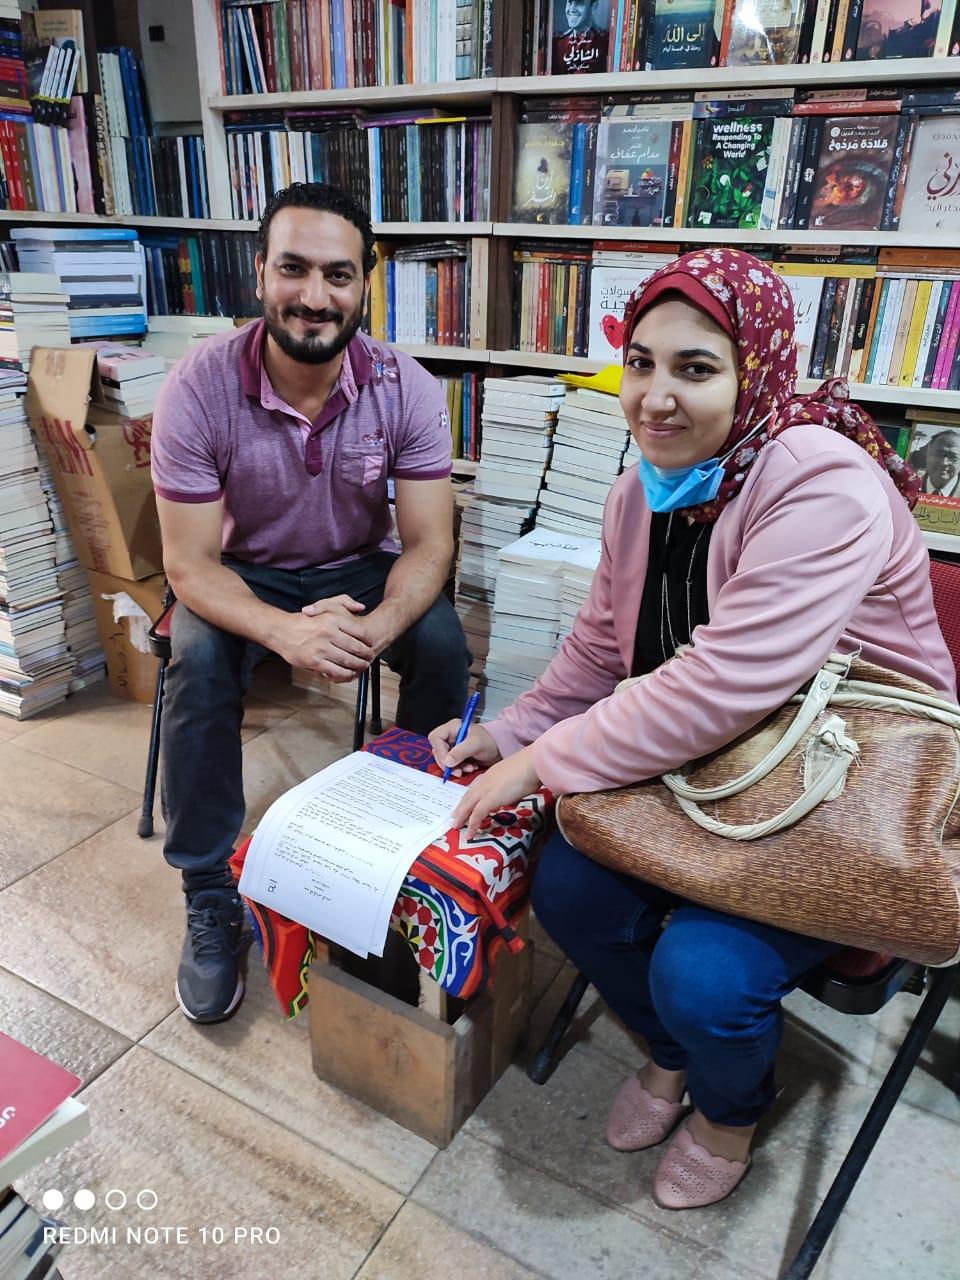 - سُكر مُر - رواية جديدة للكاتبة نورهان عبدالله